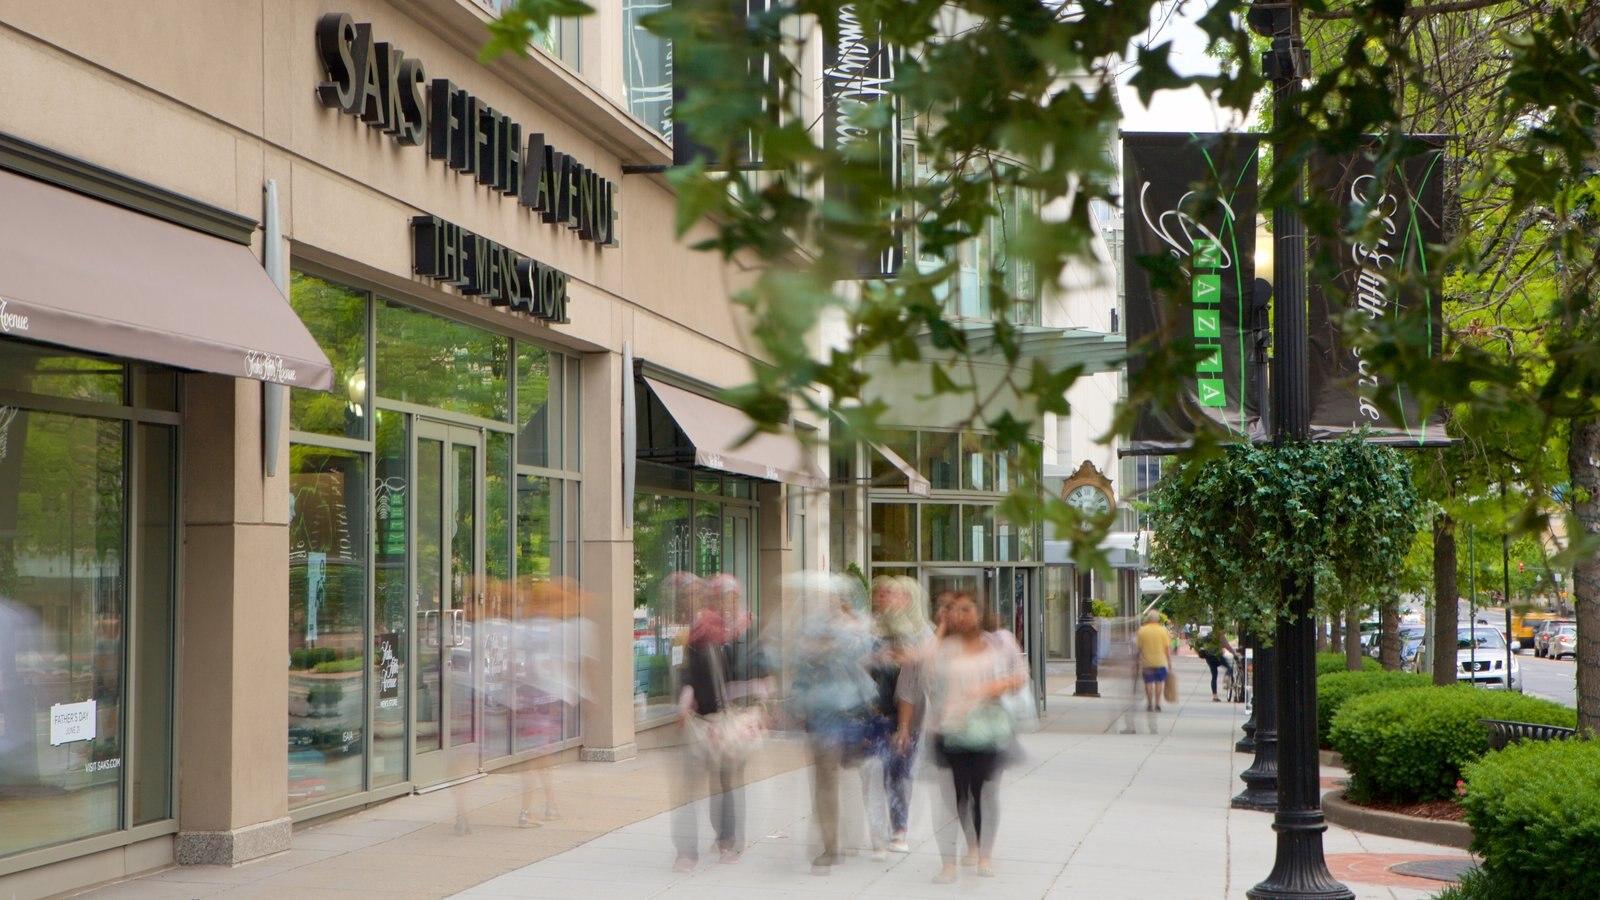 Friendship Heights caracterizando sinalização e compras